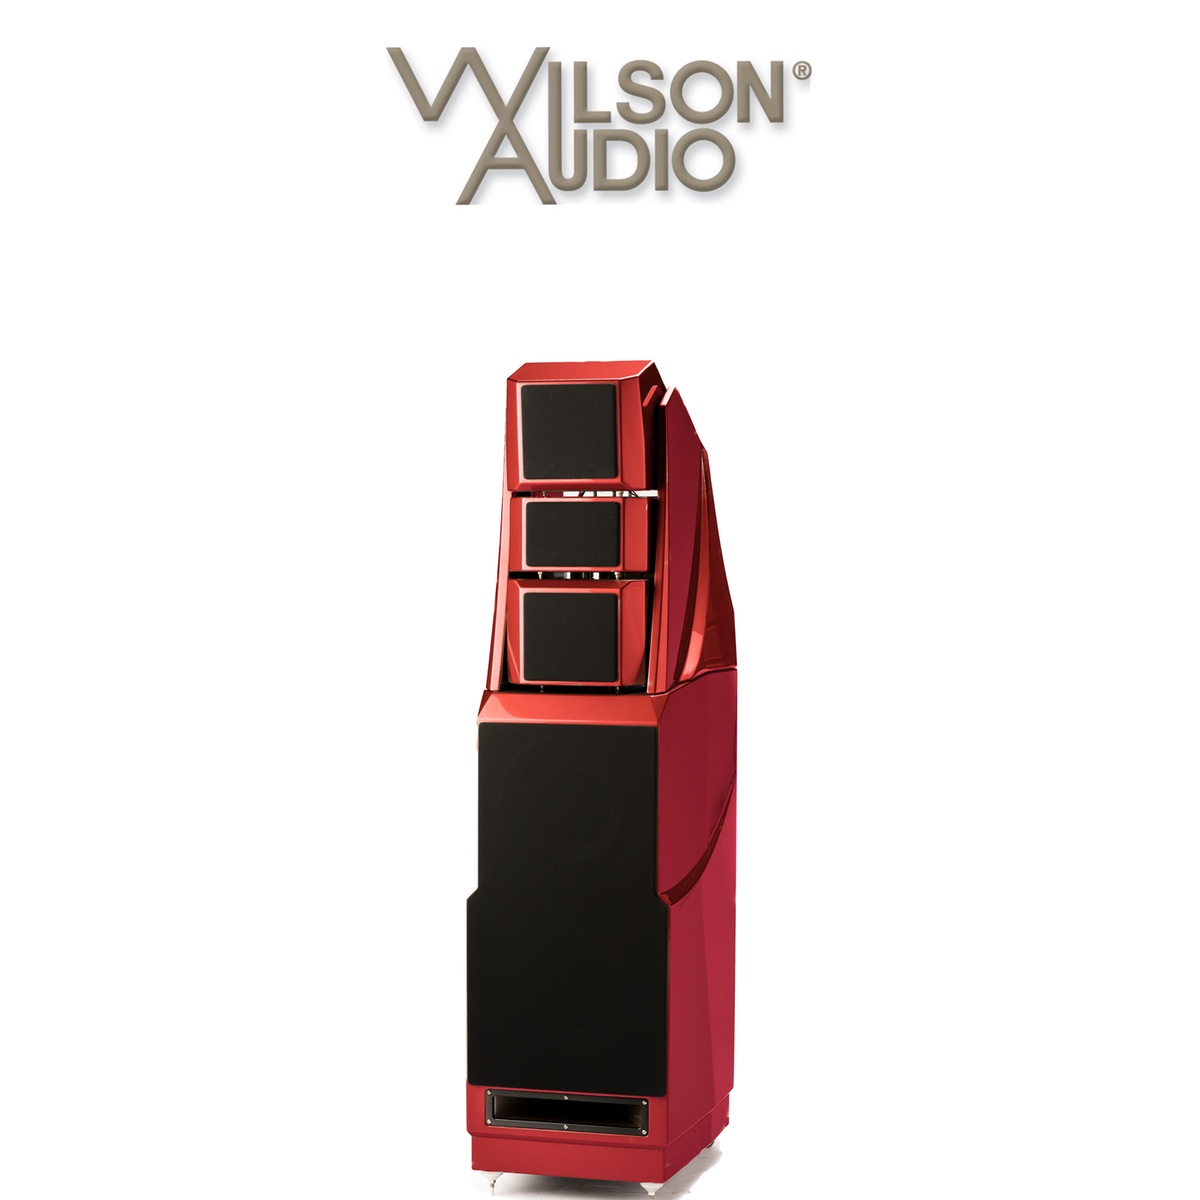 Wilson Audio.jpg